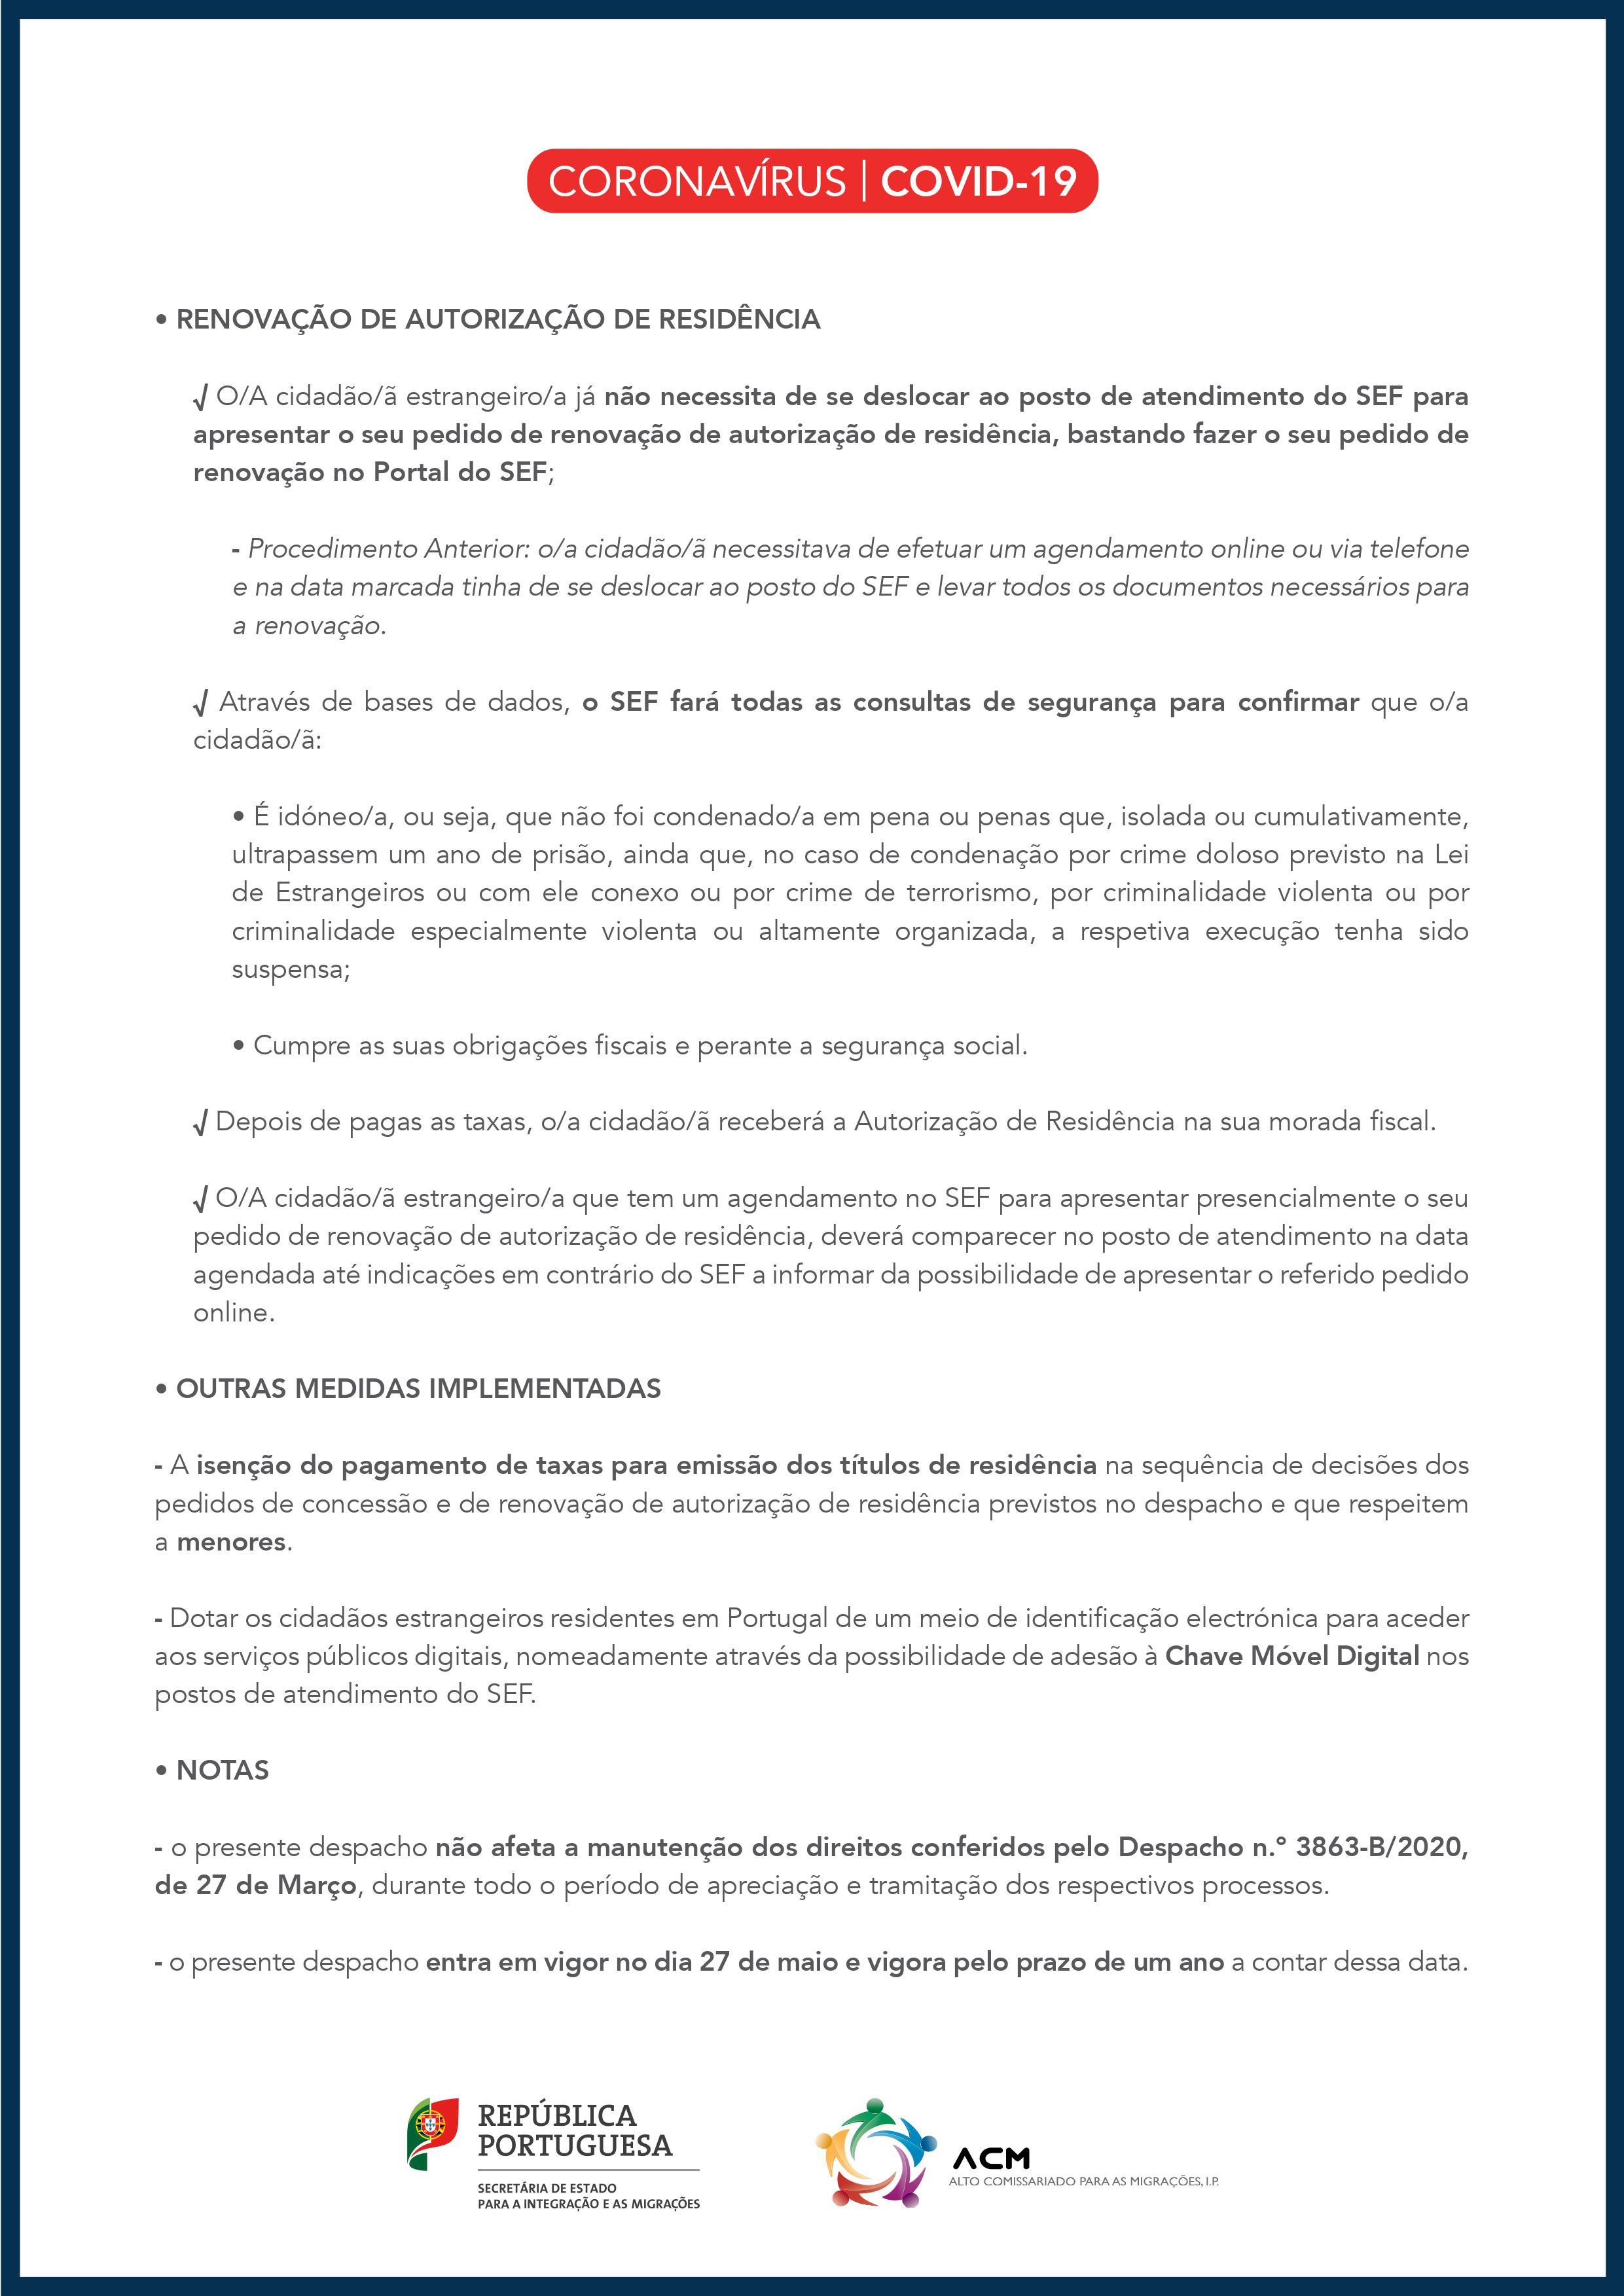 Despacho-5793-A-2020-PT-2